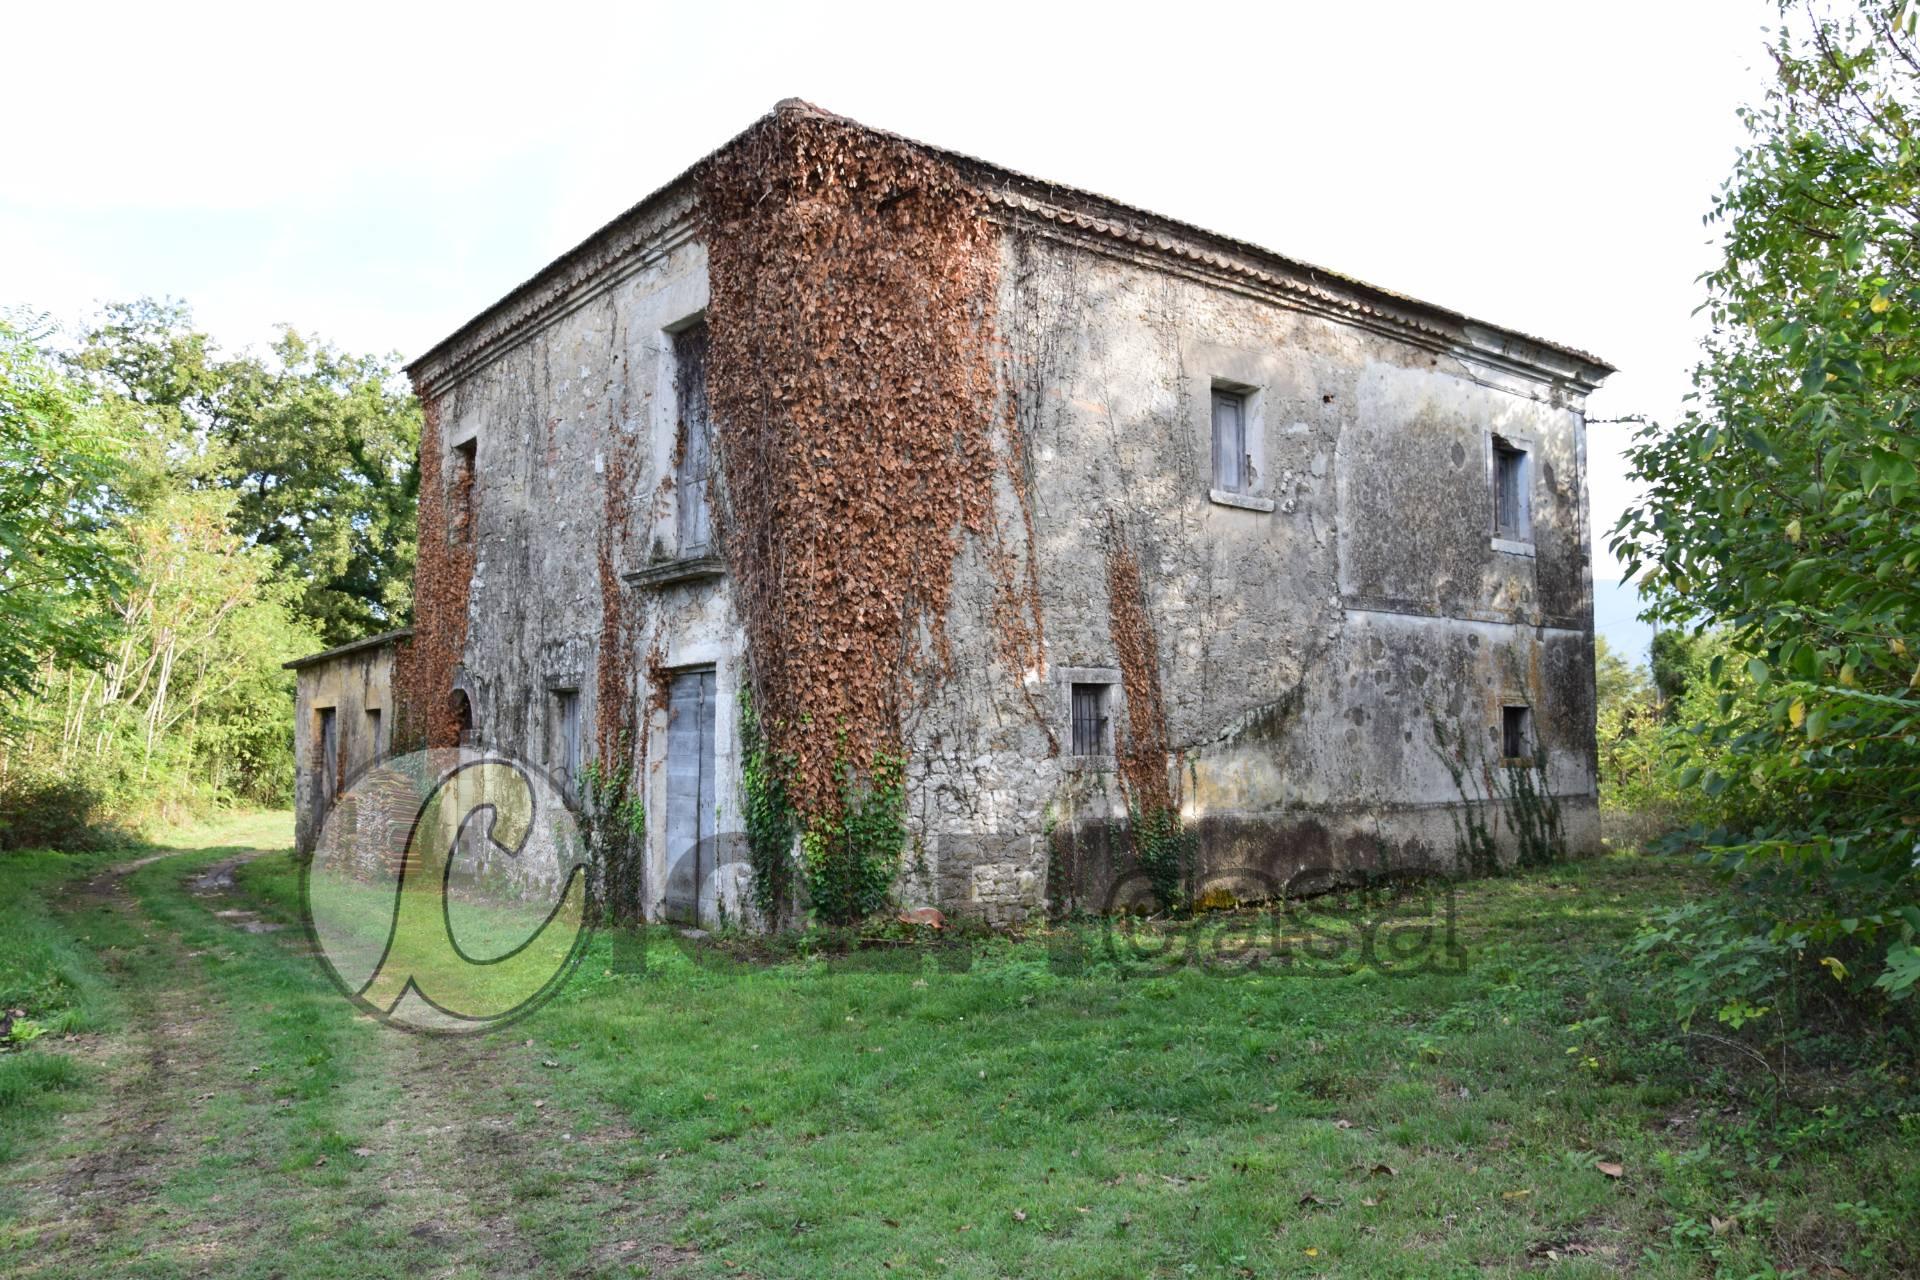 Soluzione Indipendente in vendita a Pignataro Interamna, 6 locali, zona Località: Ausonia, prezzo € 200.000 | CambioCasa.it